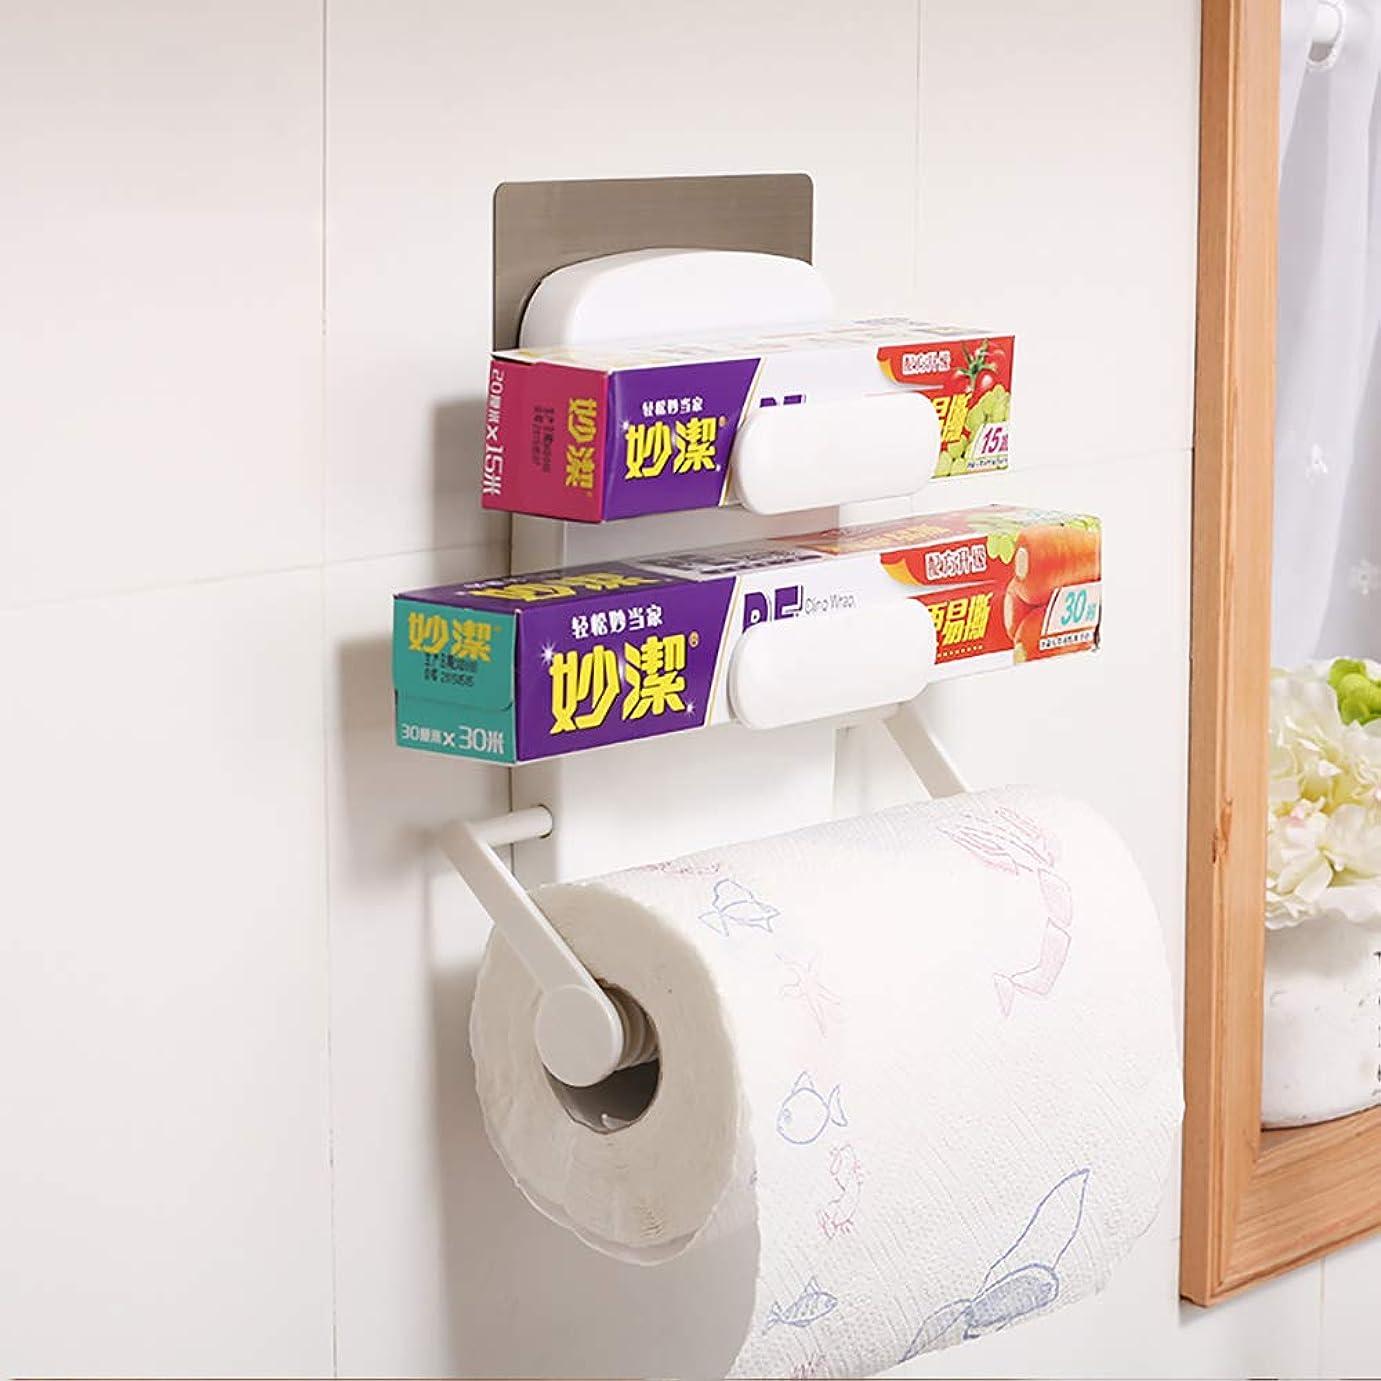 協力疾患悪因子morfone 冷蔵庫サイドラック 強力粘着テープ付き キッチンラック キッチン収納 ペーパーホルダー ラップホルダー 収納便利 多機能 繰り返し 冷蔵庫/電子/壁に付ける